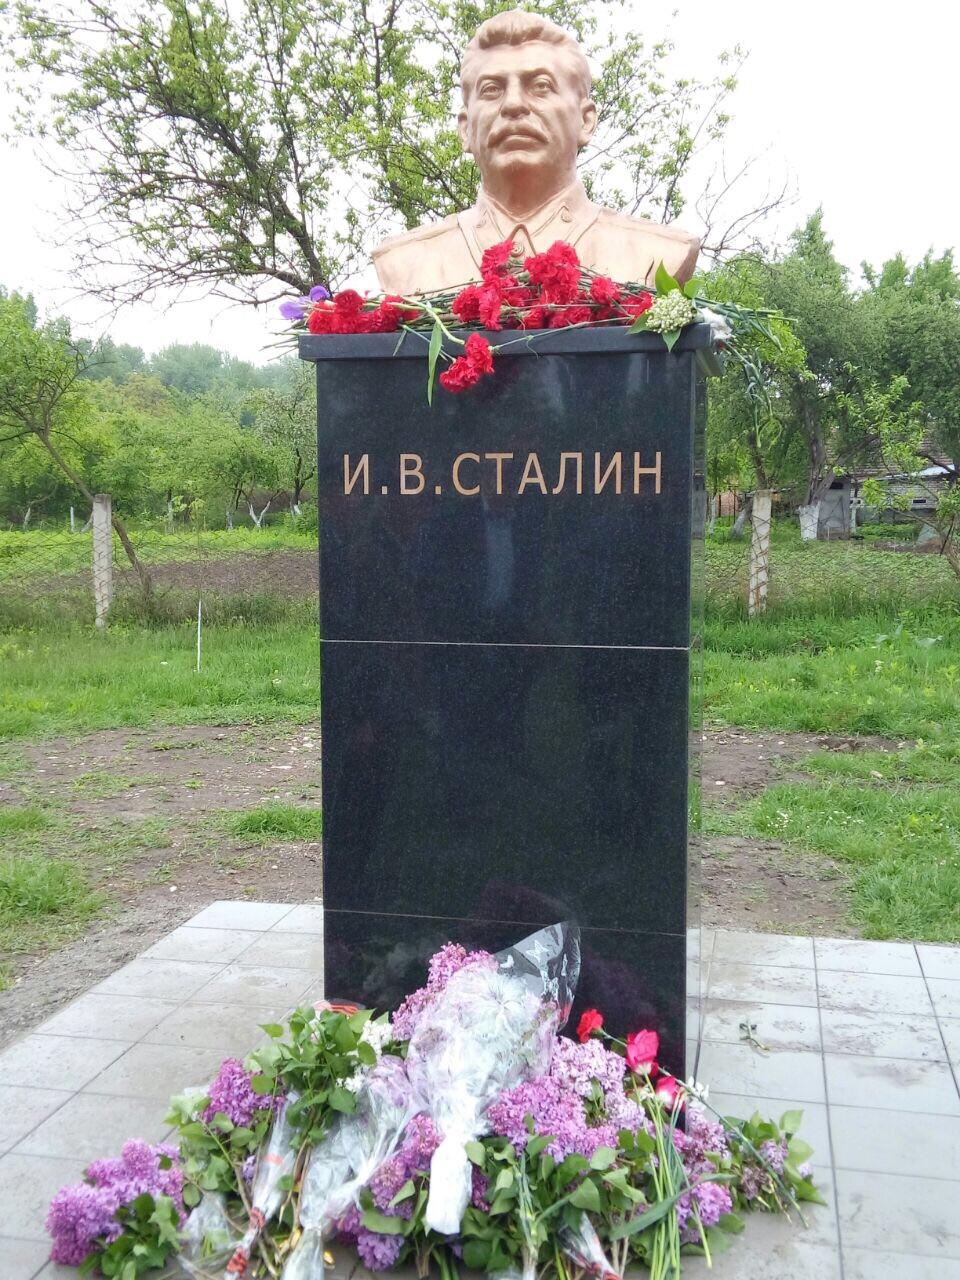 Село Красногор Ардонского района Северной Осетии. Бюст открыт 9 мая 2015-1.jpg